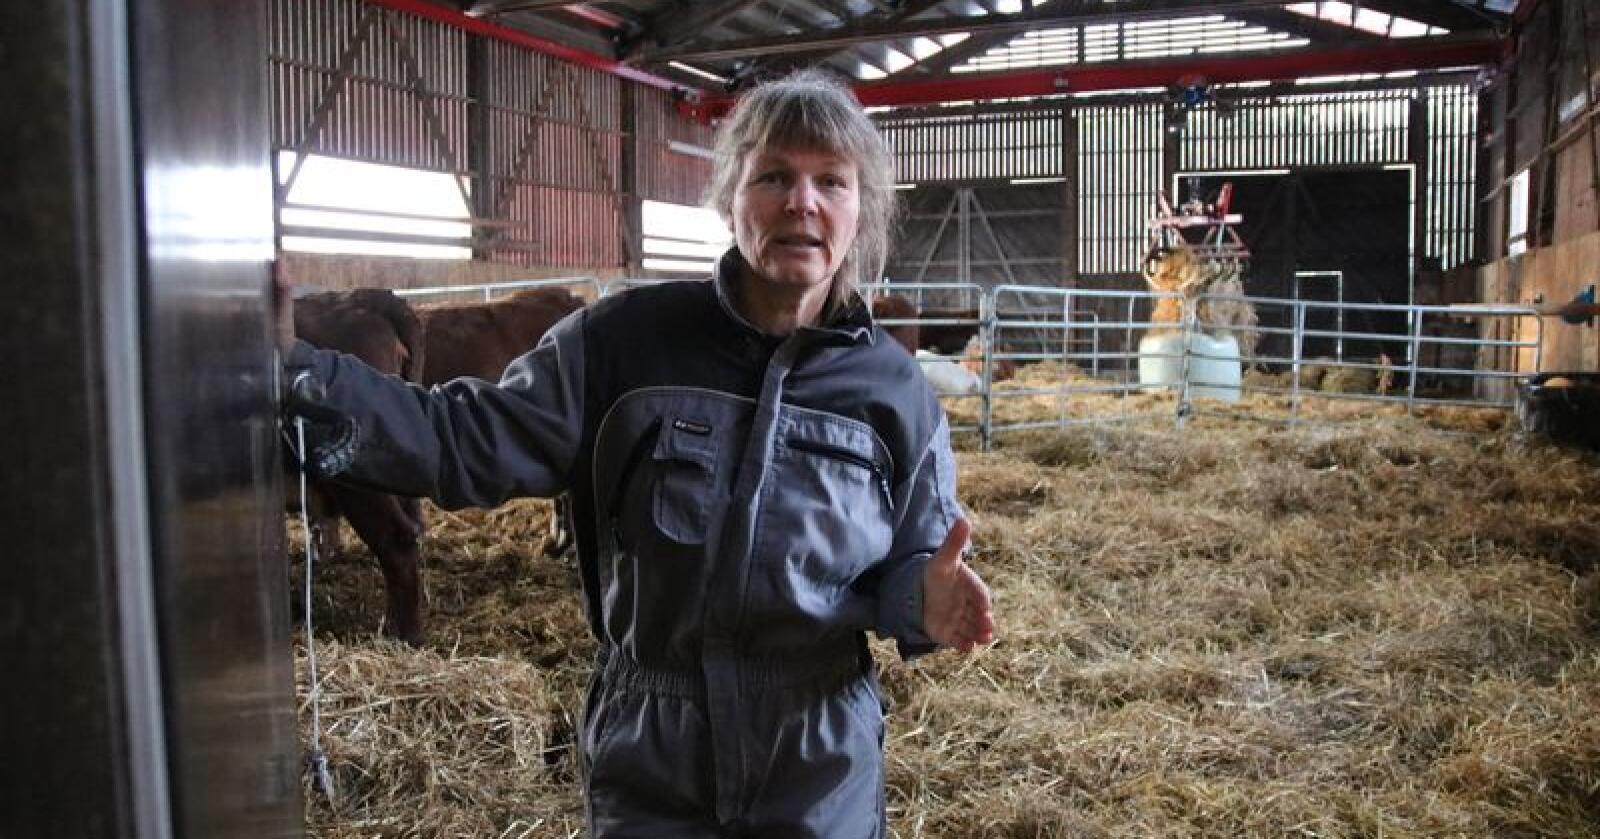 Vanskelig sak: Når viktige elementer i kravet fra jordbruket ikke ble innfridd, hadde vi ikke noe annet valg enn å avslutte forhandlingene, sier Kjersti Hoff. (Foto: Norsk Landbruk)